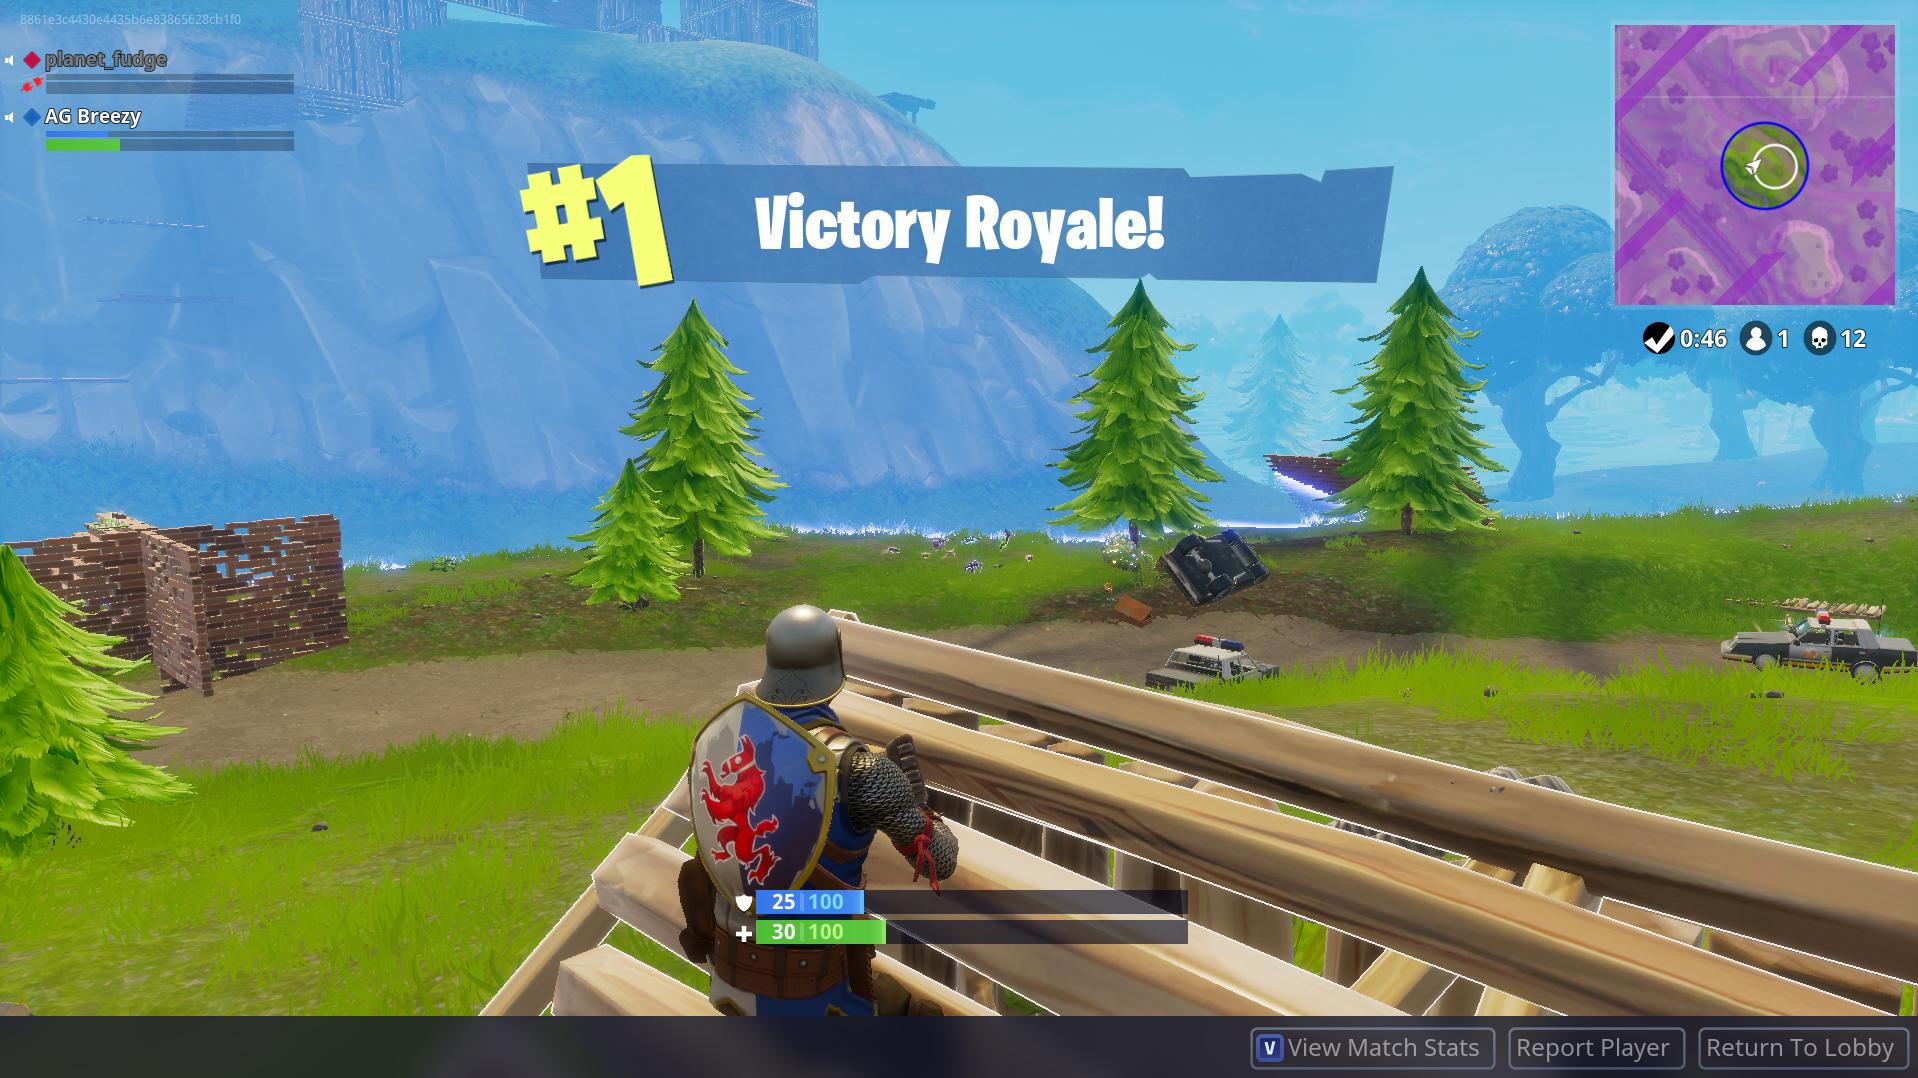 12 kills